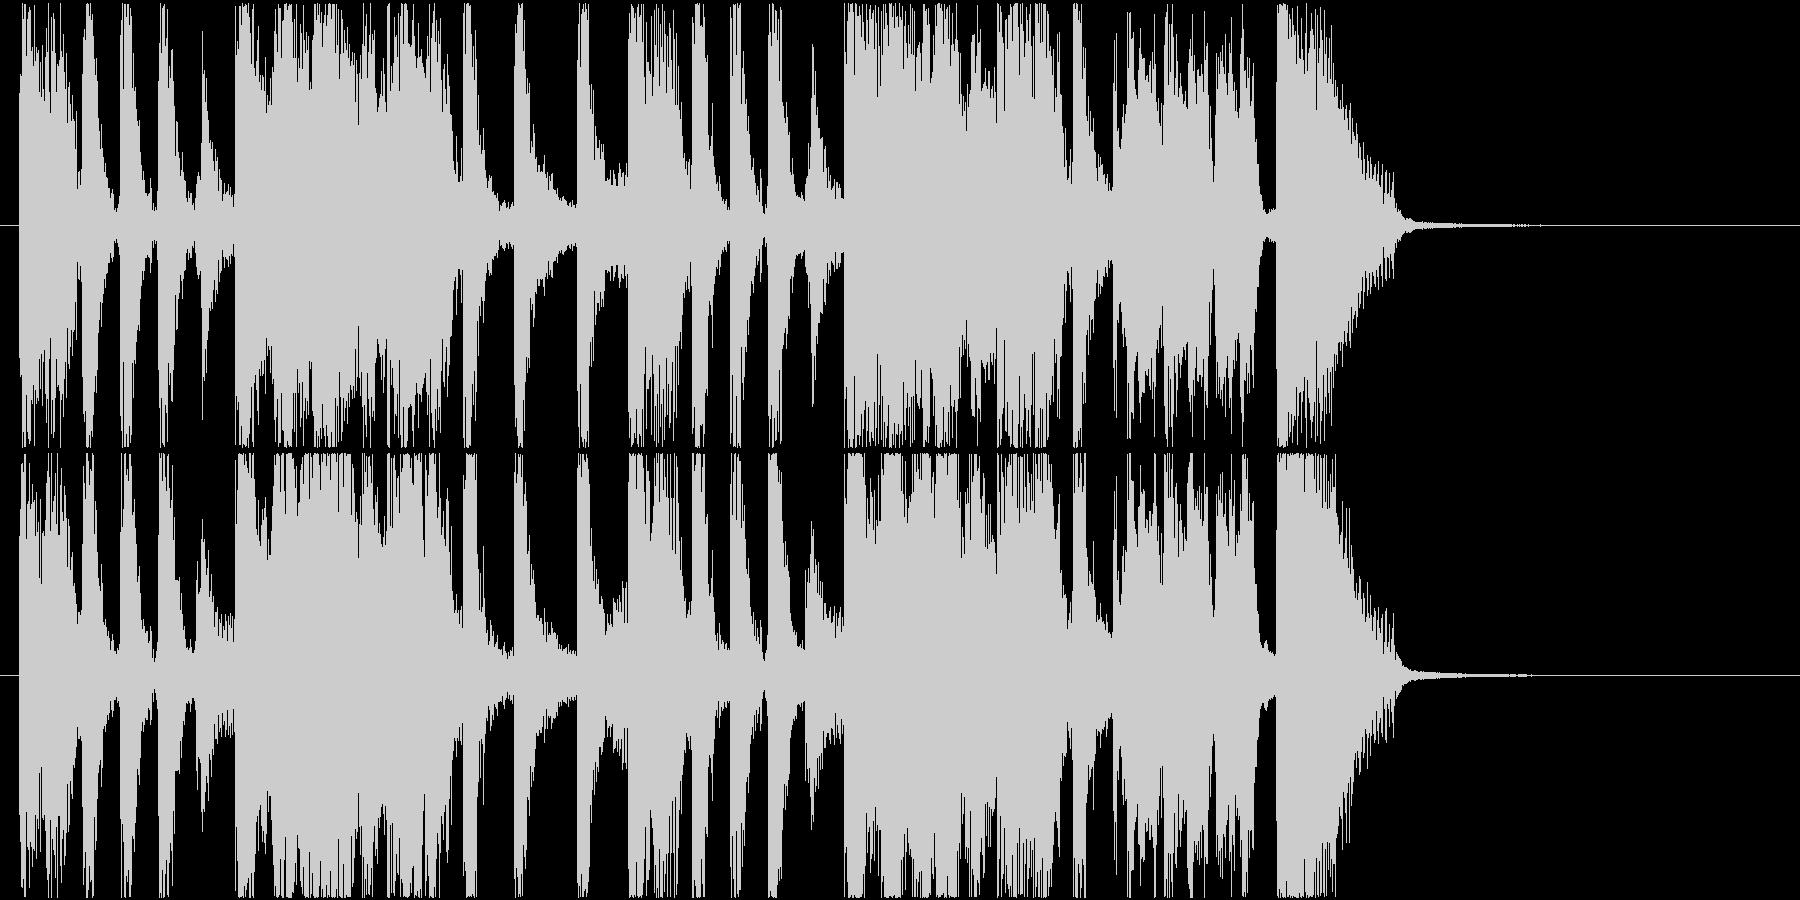 ジングル ジャズの爽やかブラス曲の未再生の波形